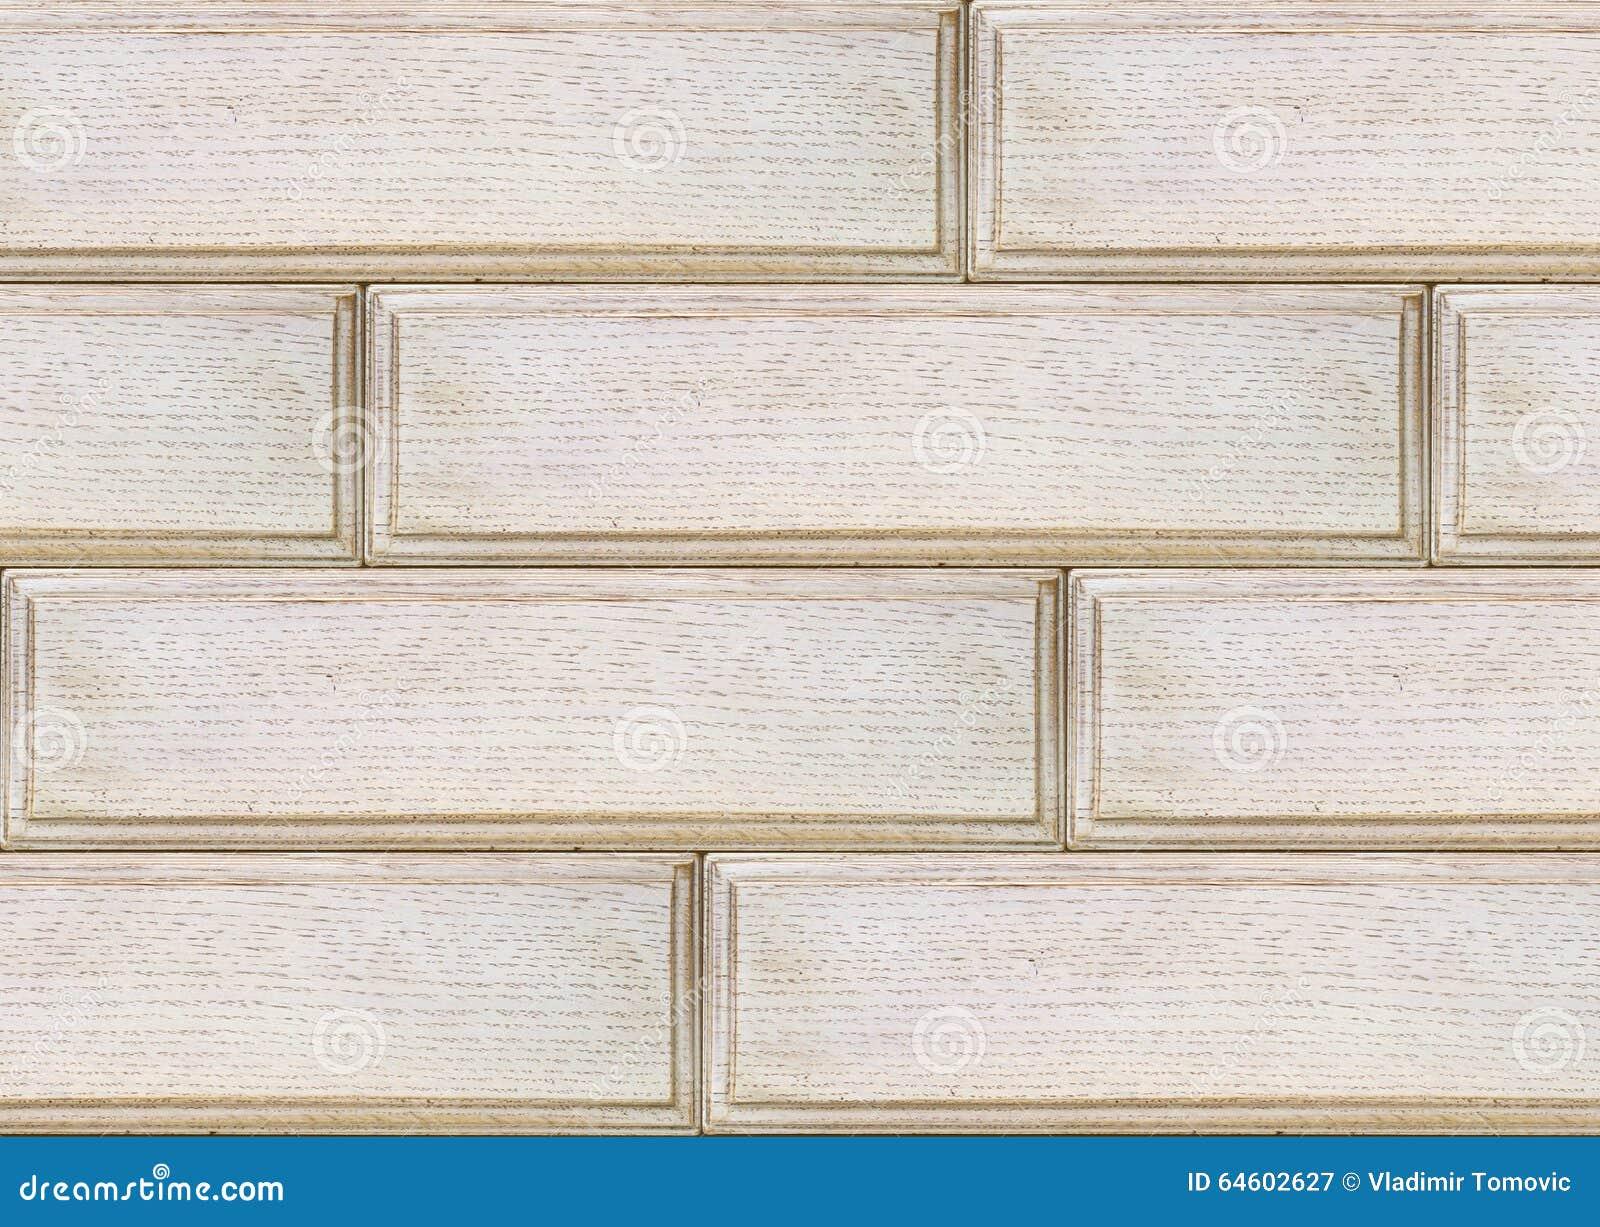 木砖瓦片-纹理-样式图片